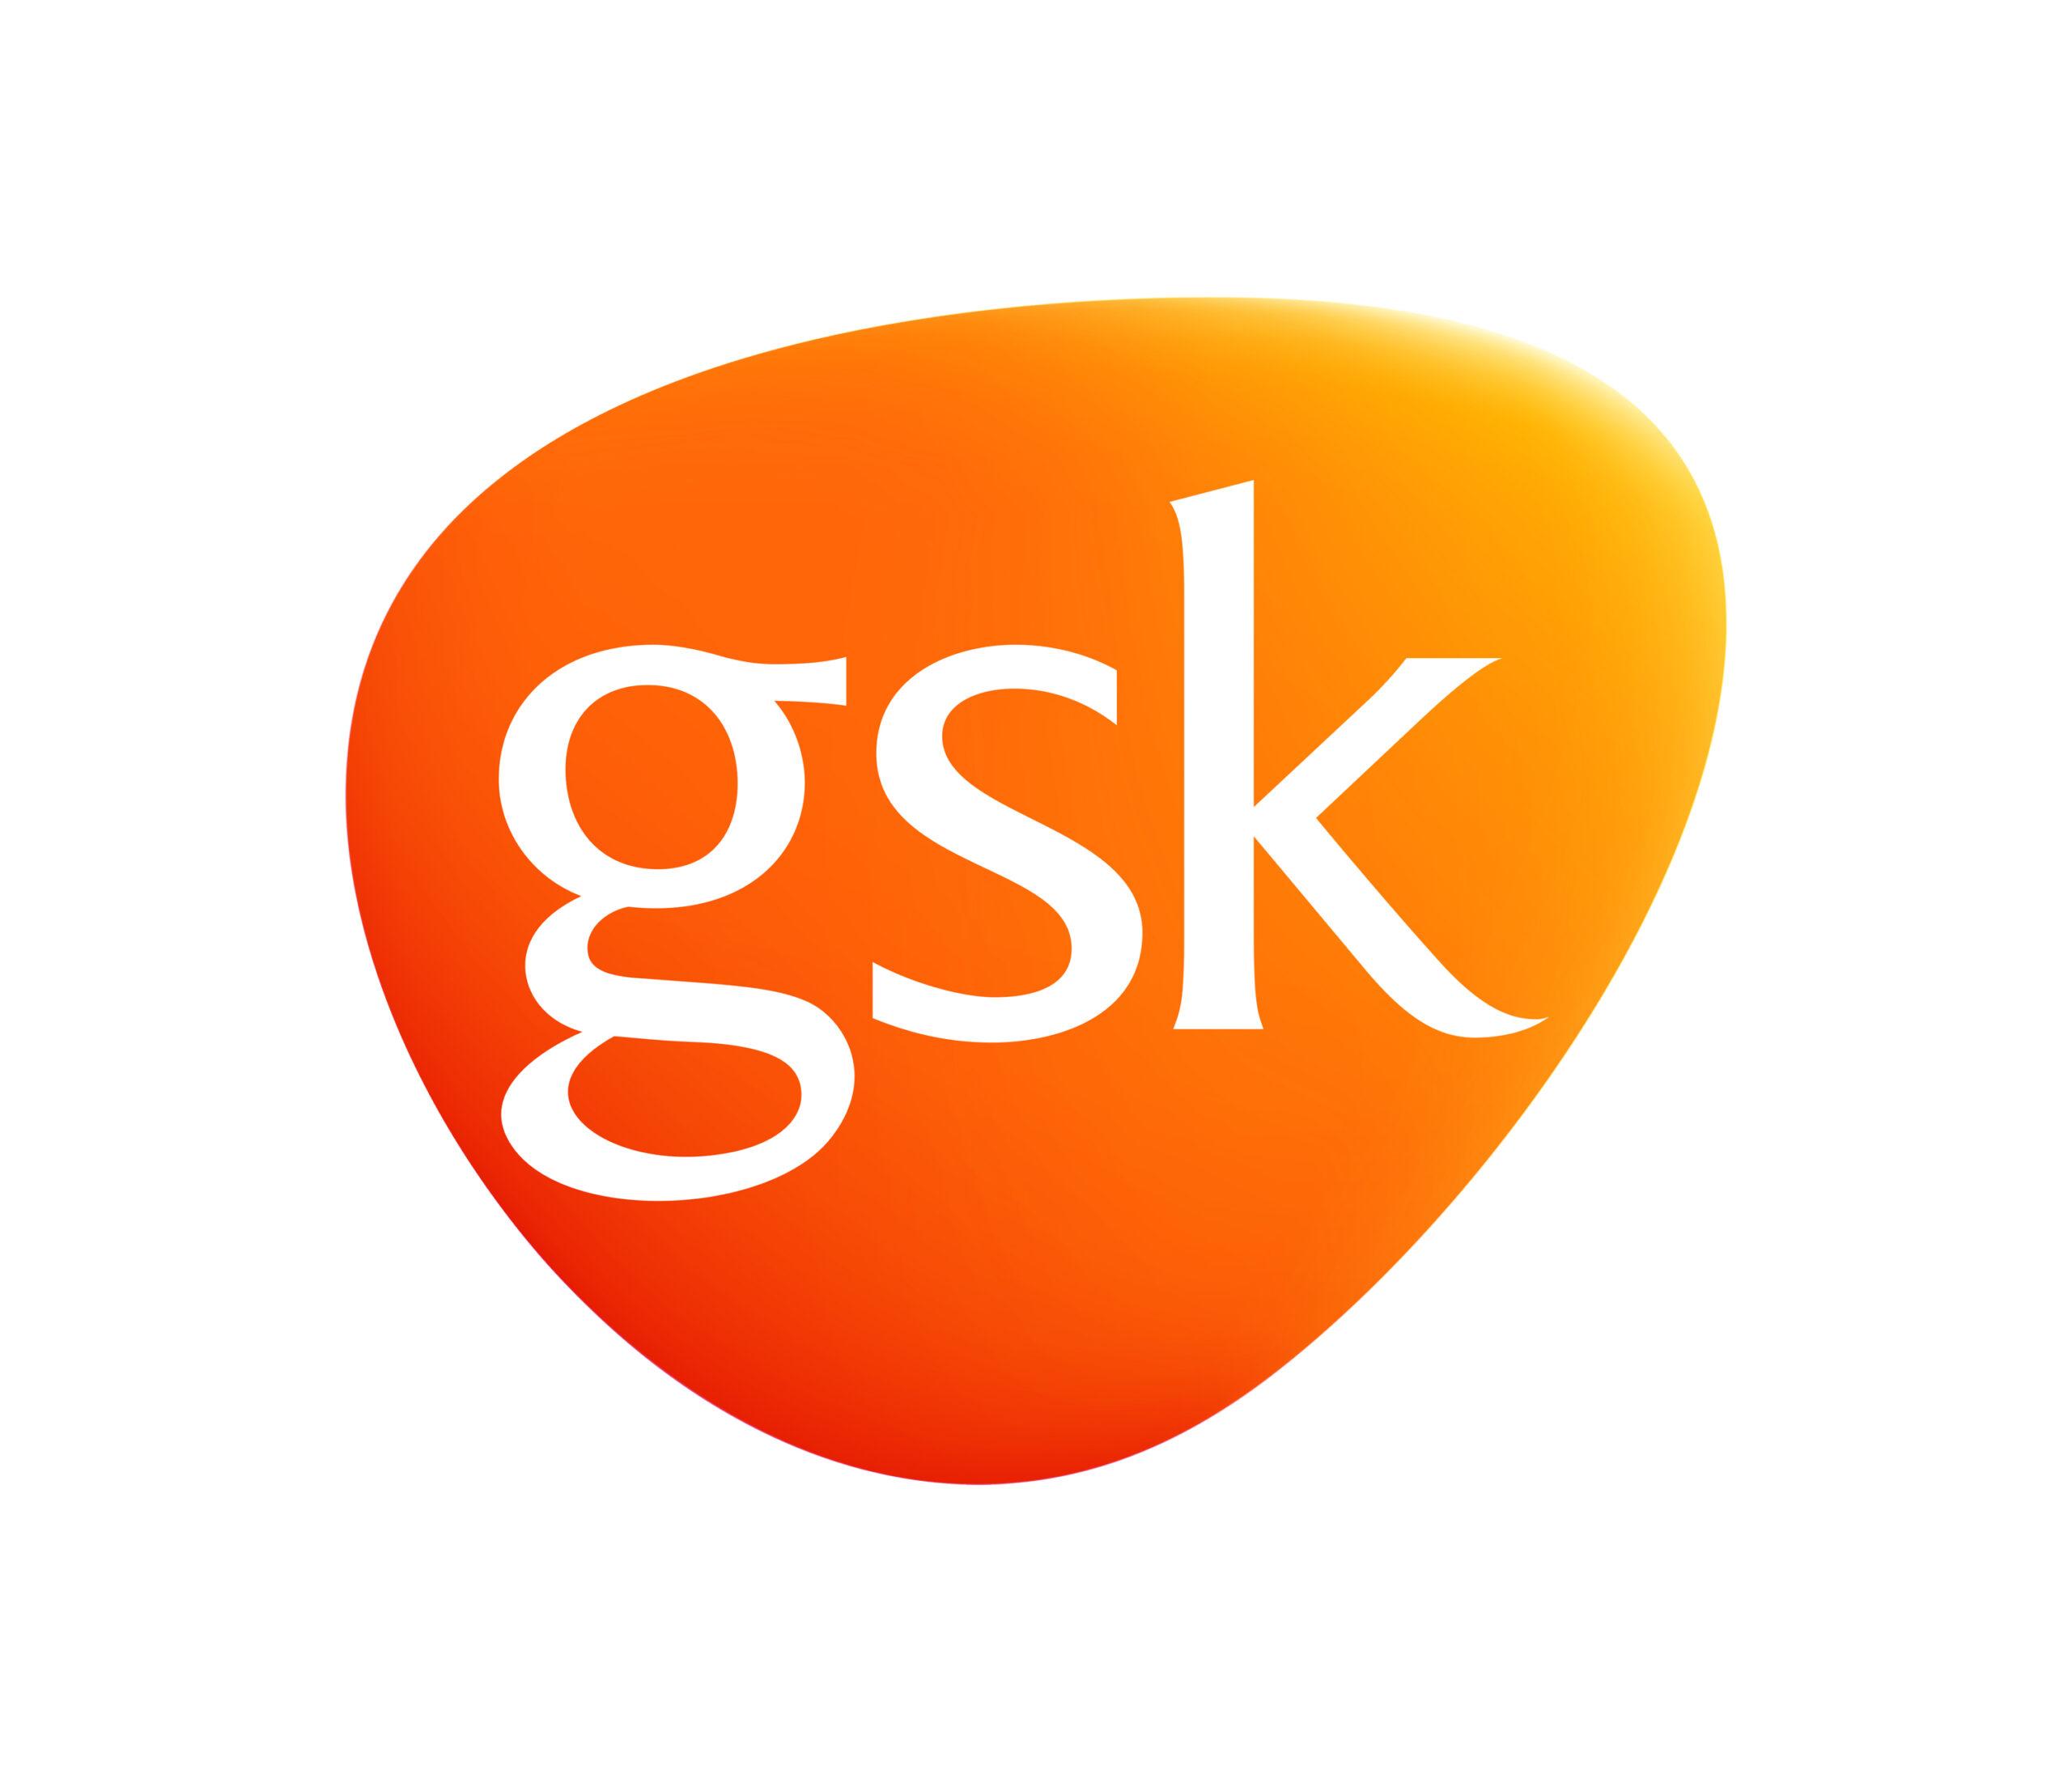 Компания GSK объявляет о действиях, направленных на расширение доступа пациентов к эффективной терапии хронических респираторных заболеваний